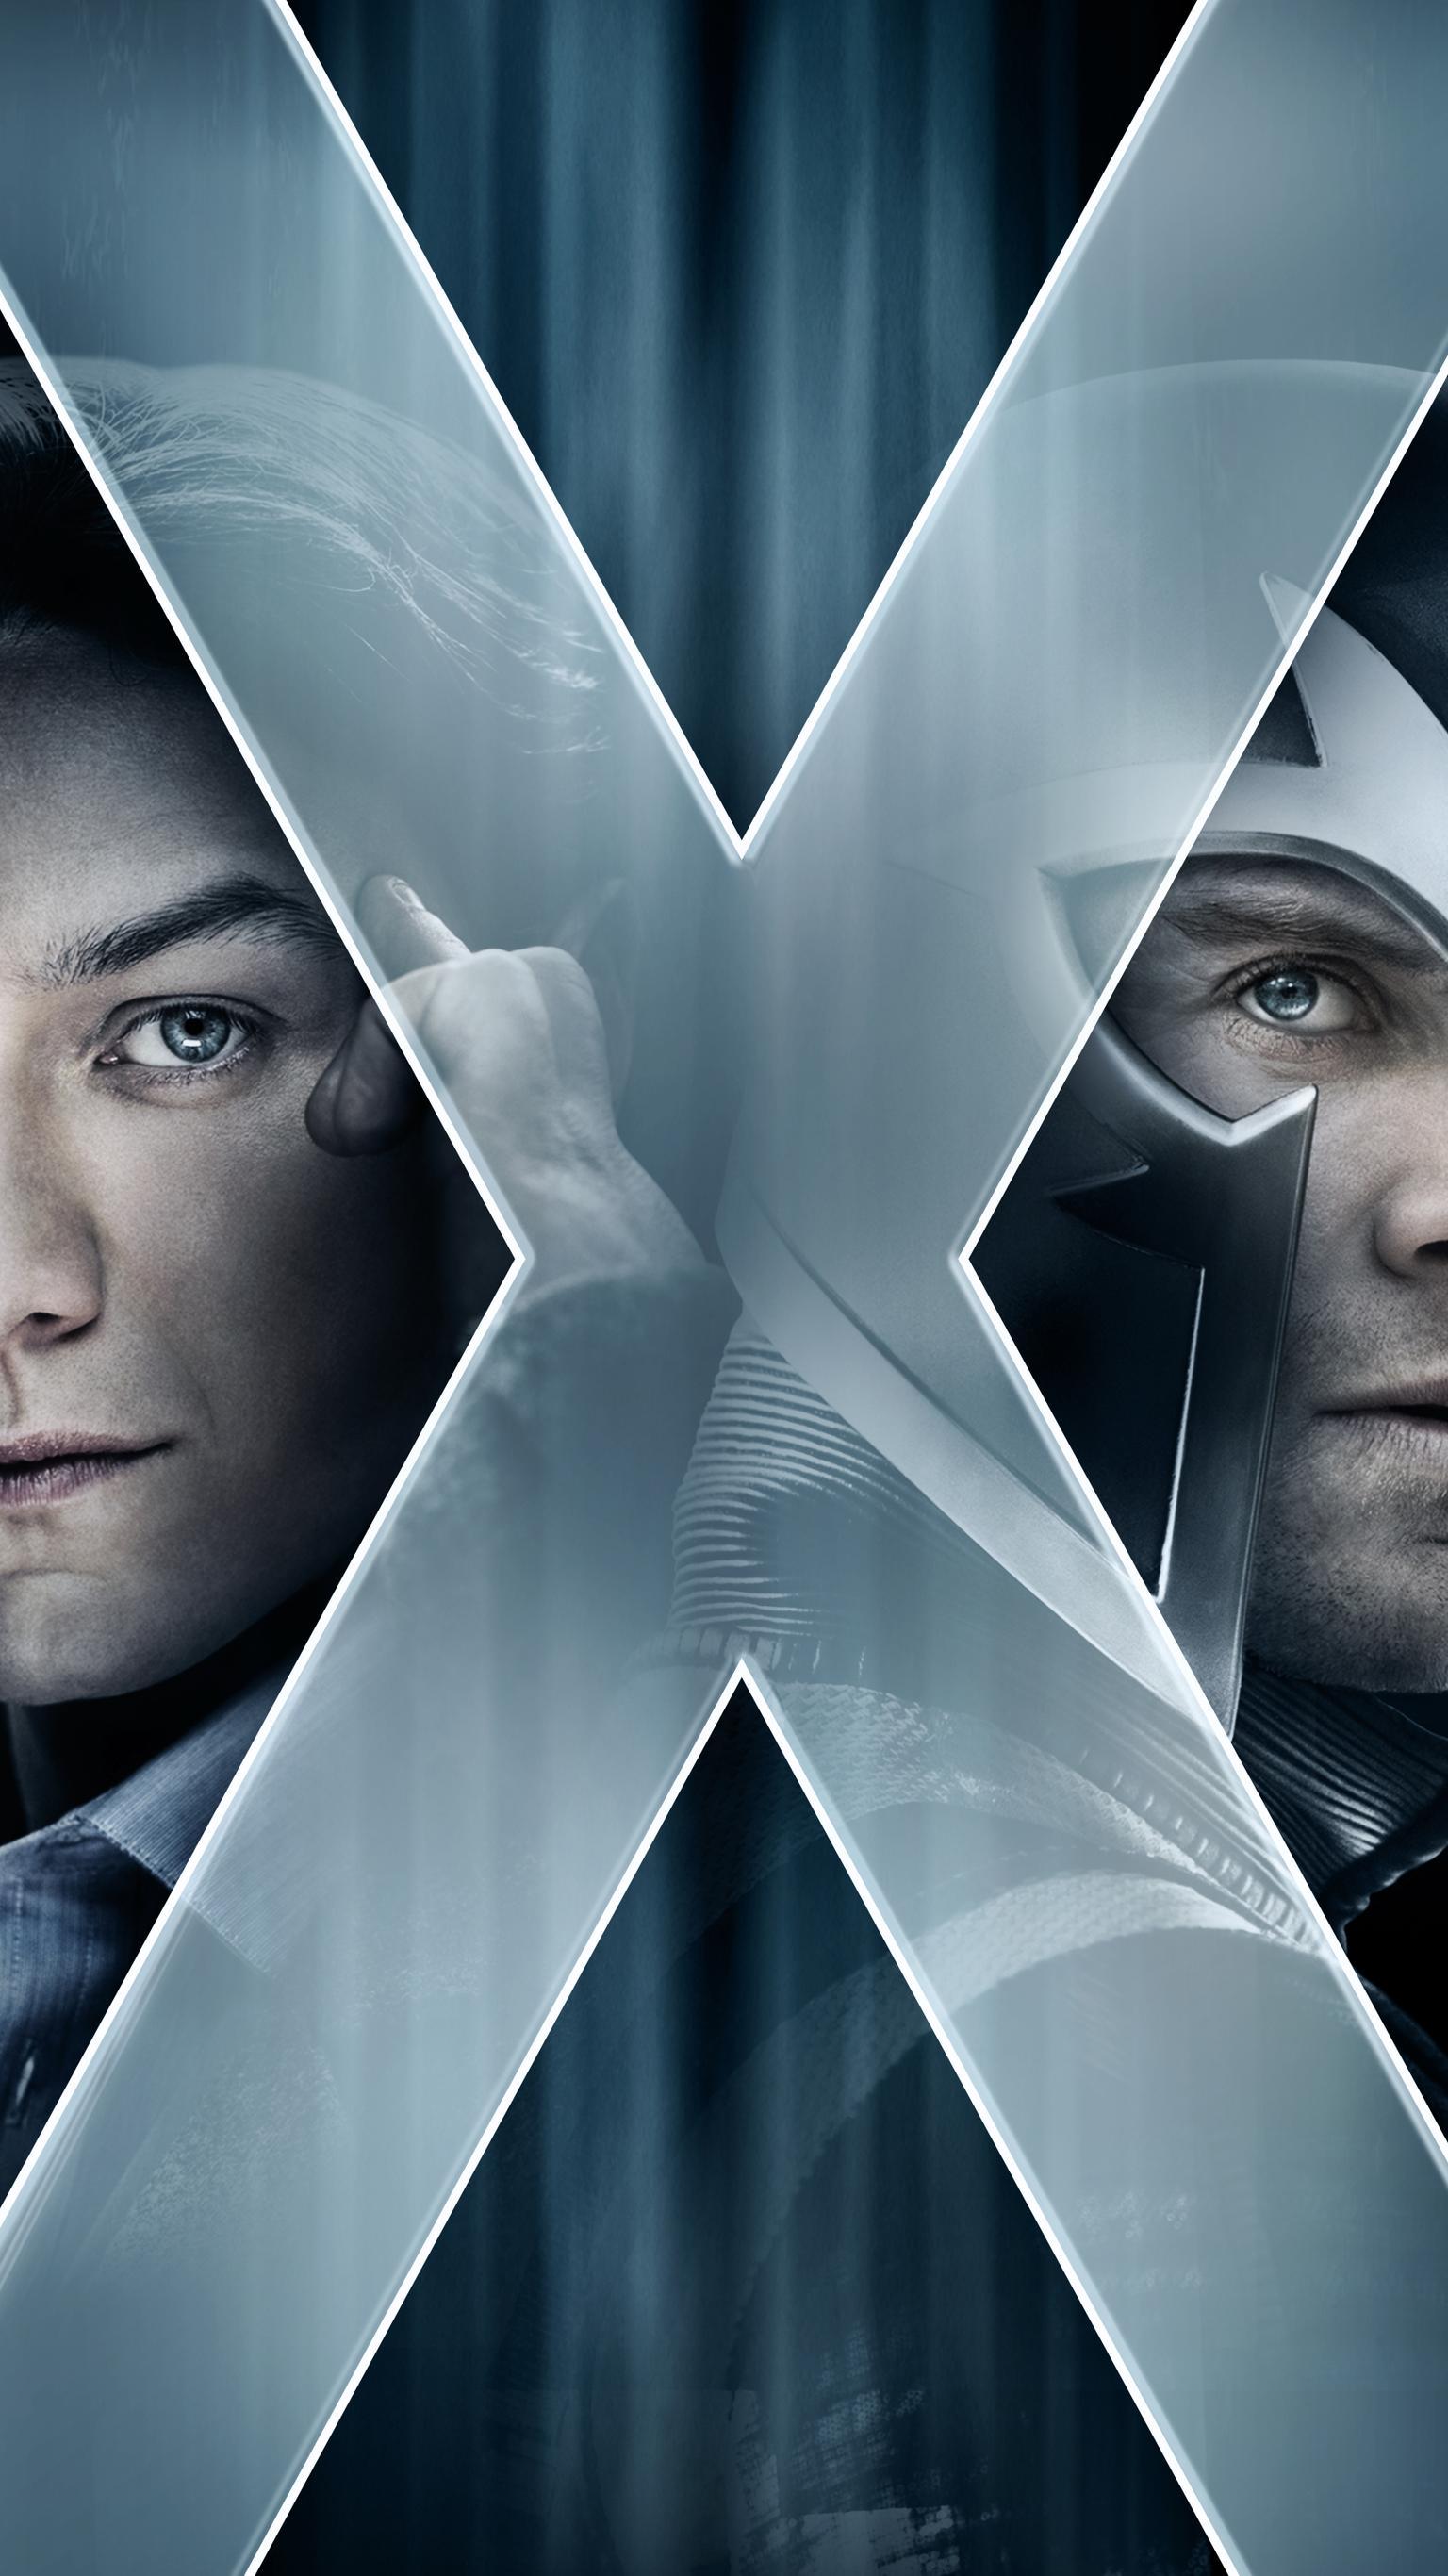 X Men First Class 2011 Phone Wallpaper Moviemania 1536x2732